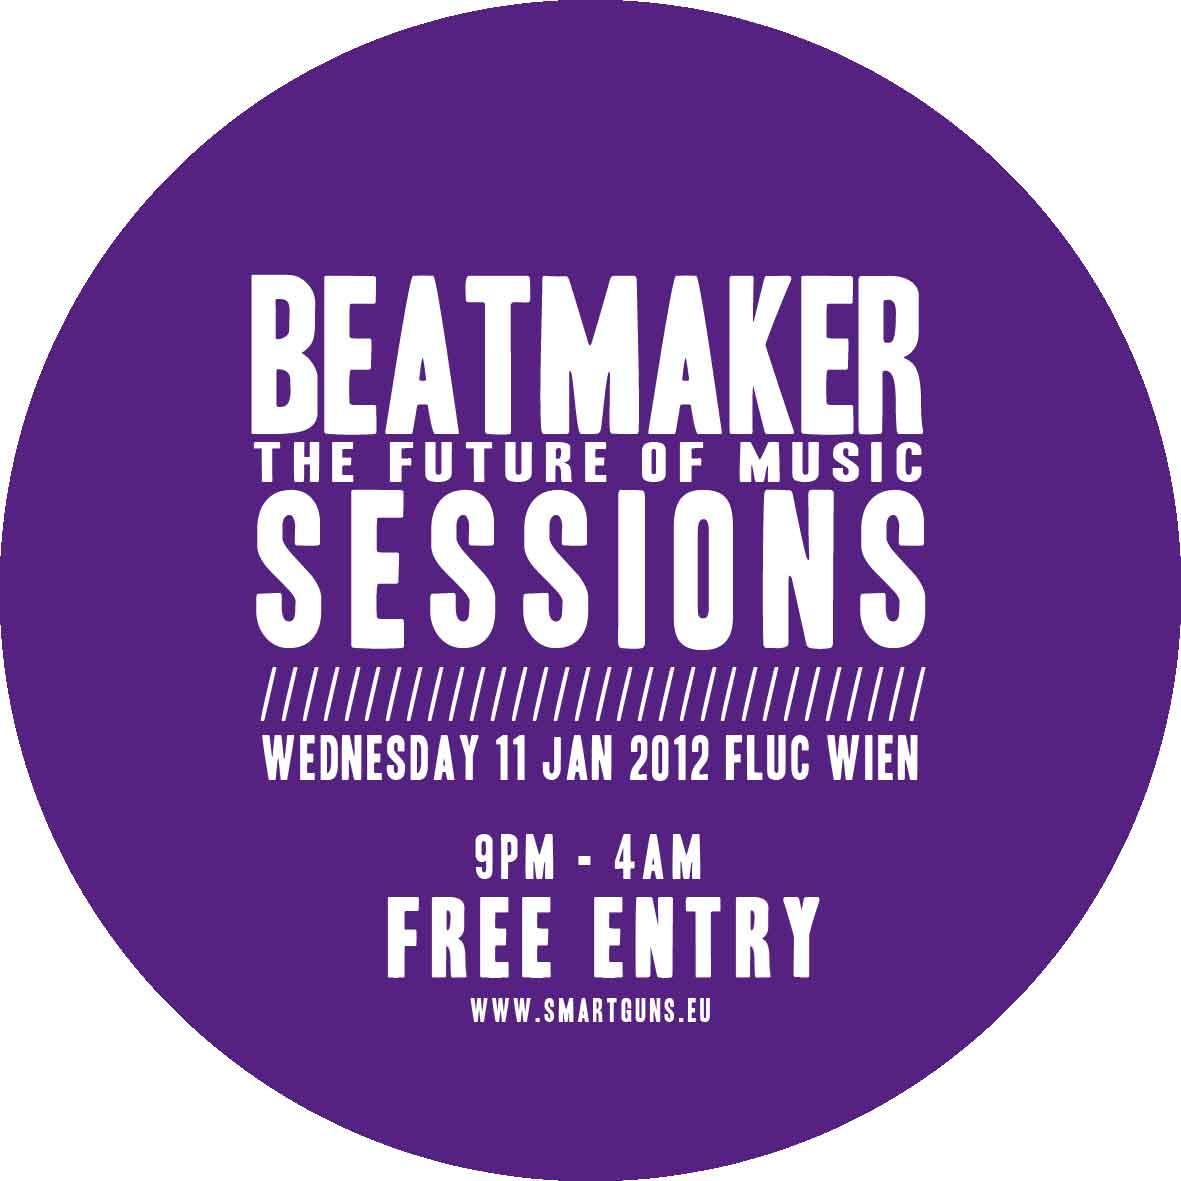 beatmaker-11.01.2012-